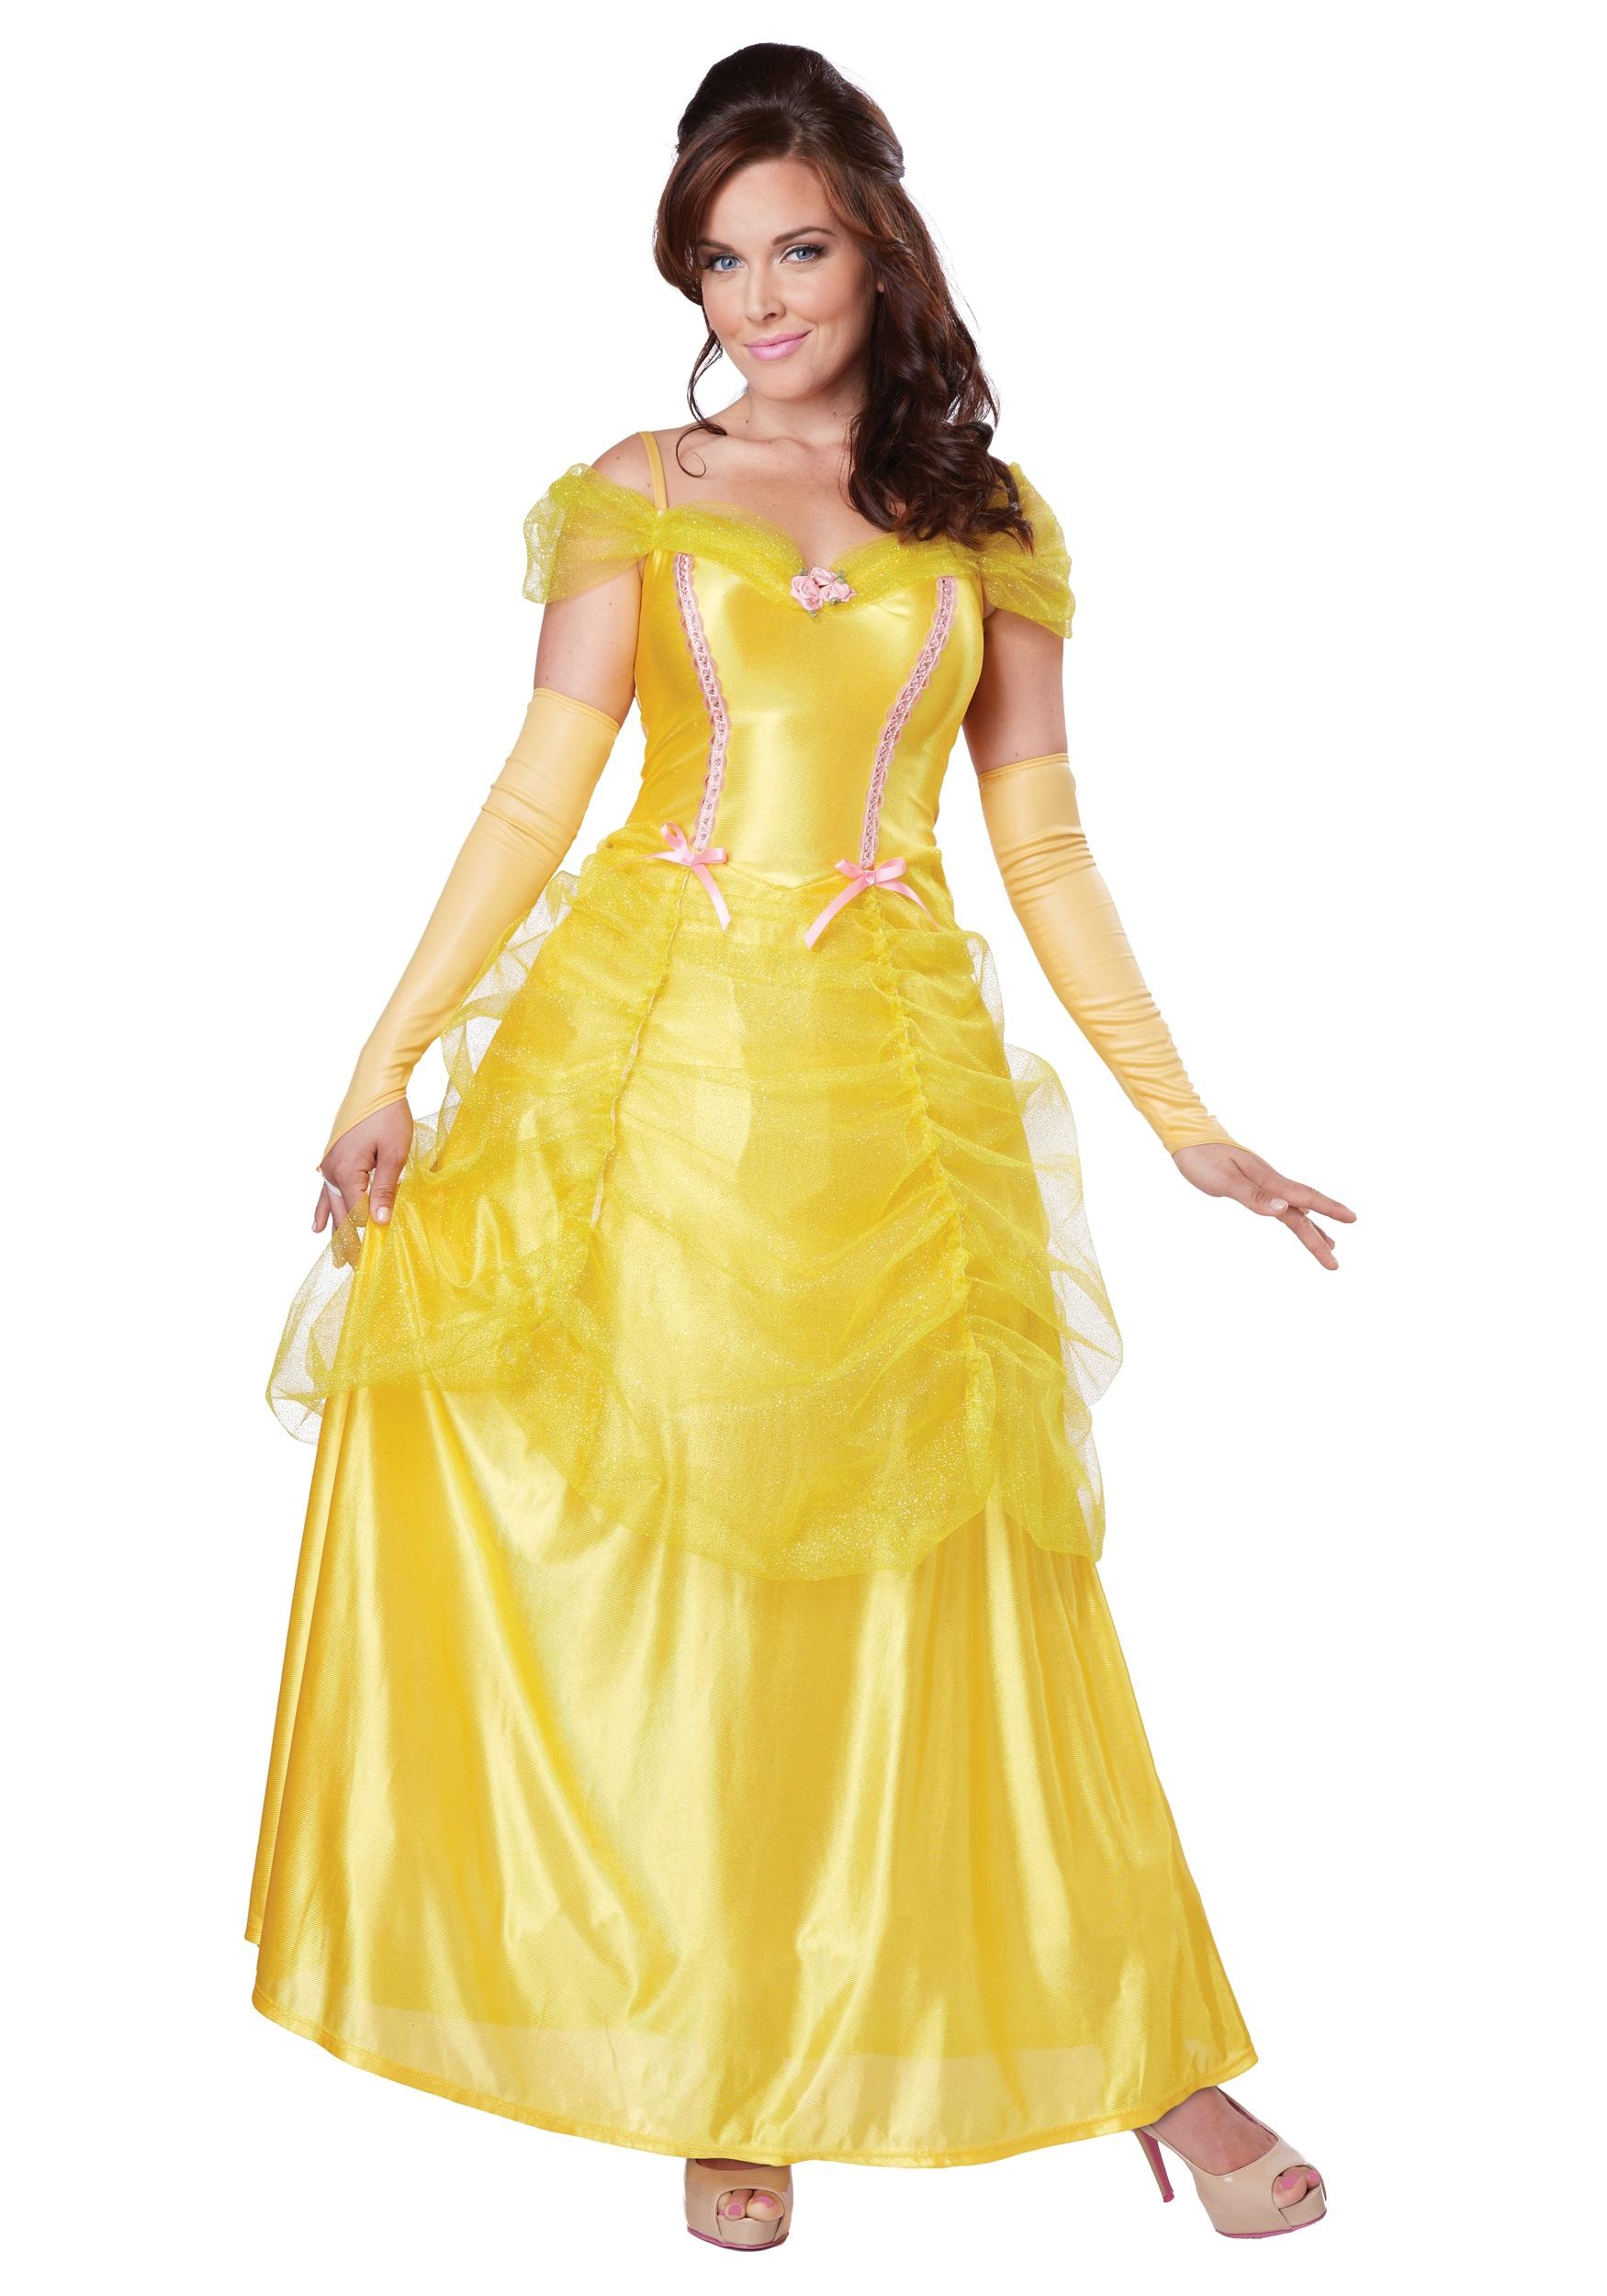 Women s Classic Beauty Costume aa46bf1de74e